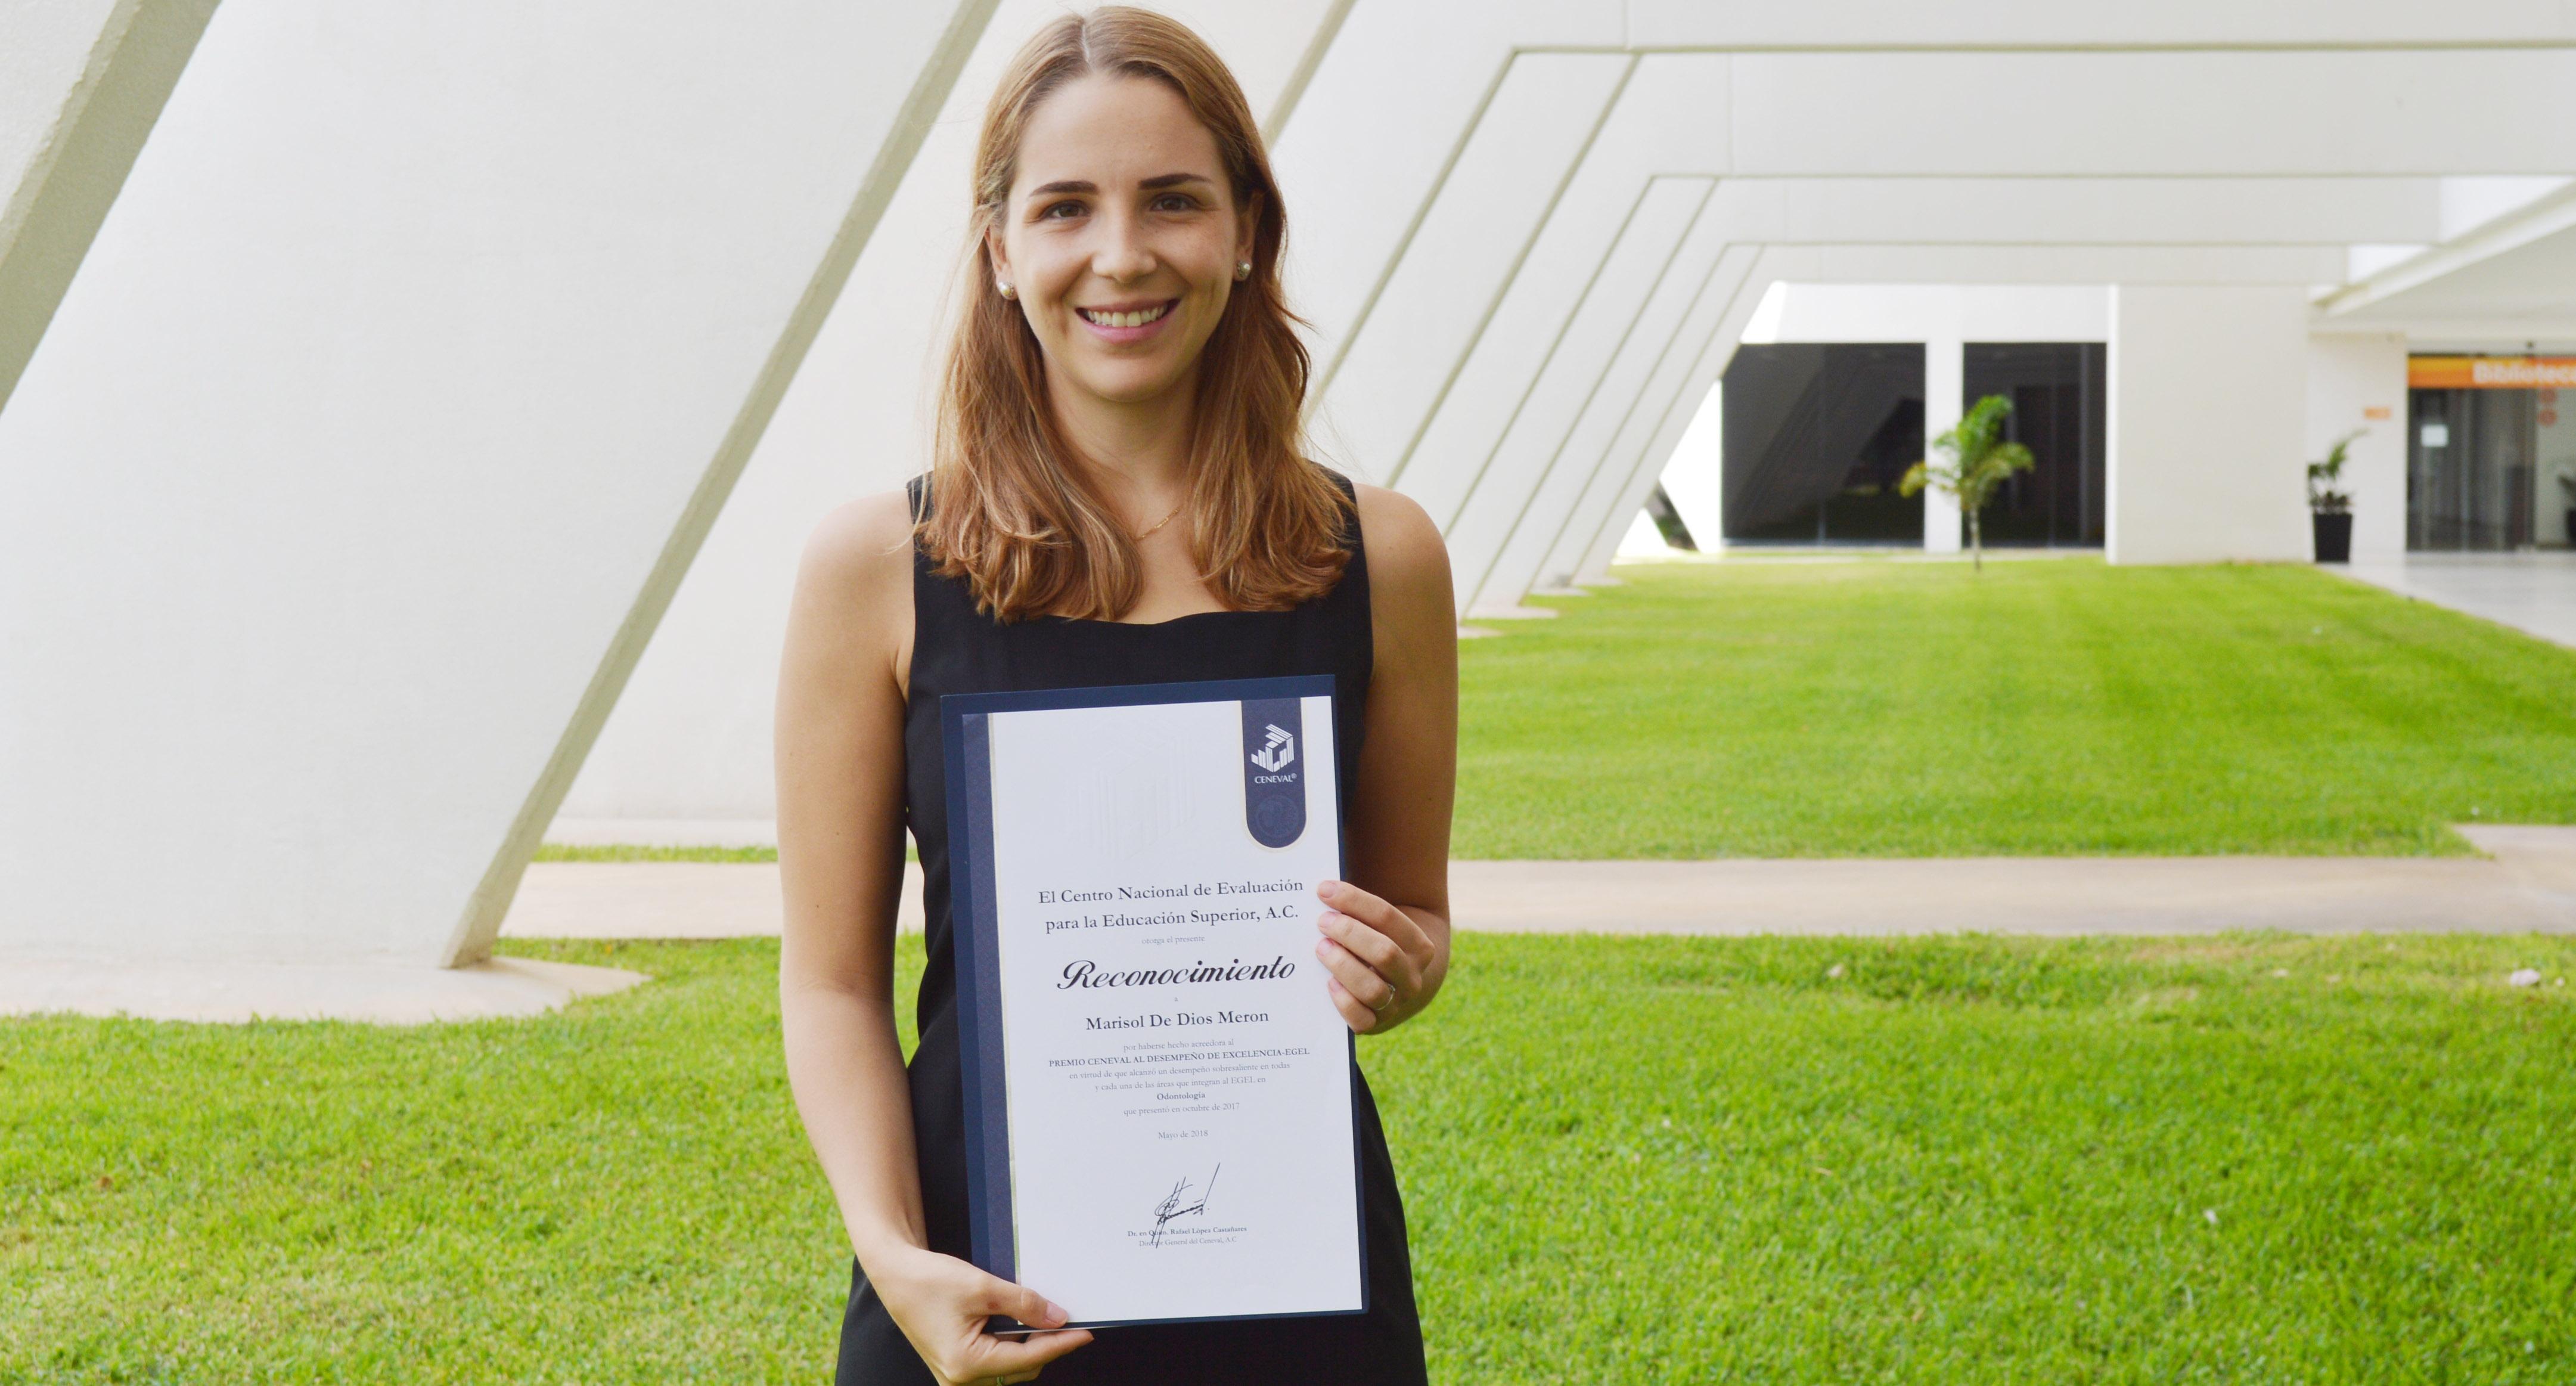 Marisol De Dios, premio CENEVAL